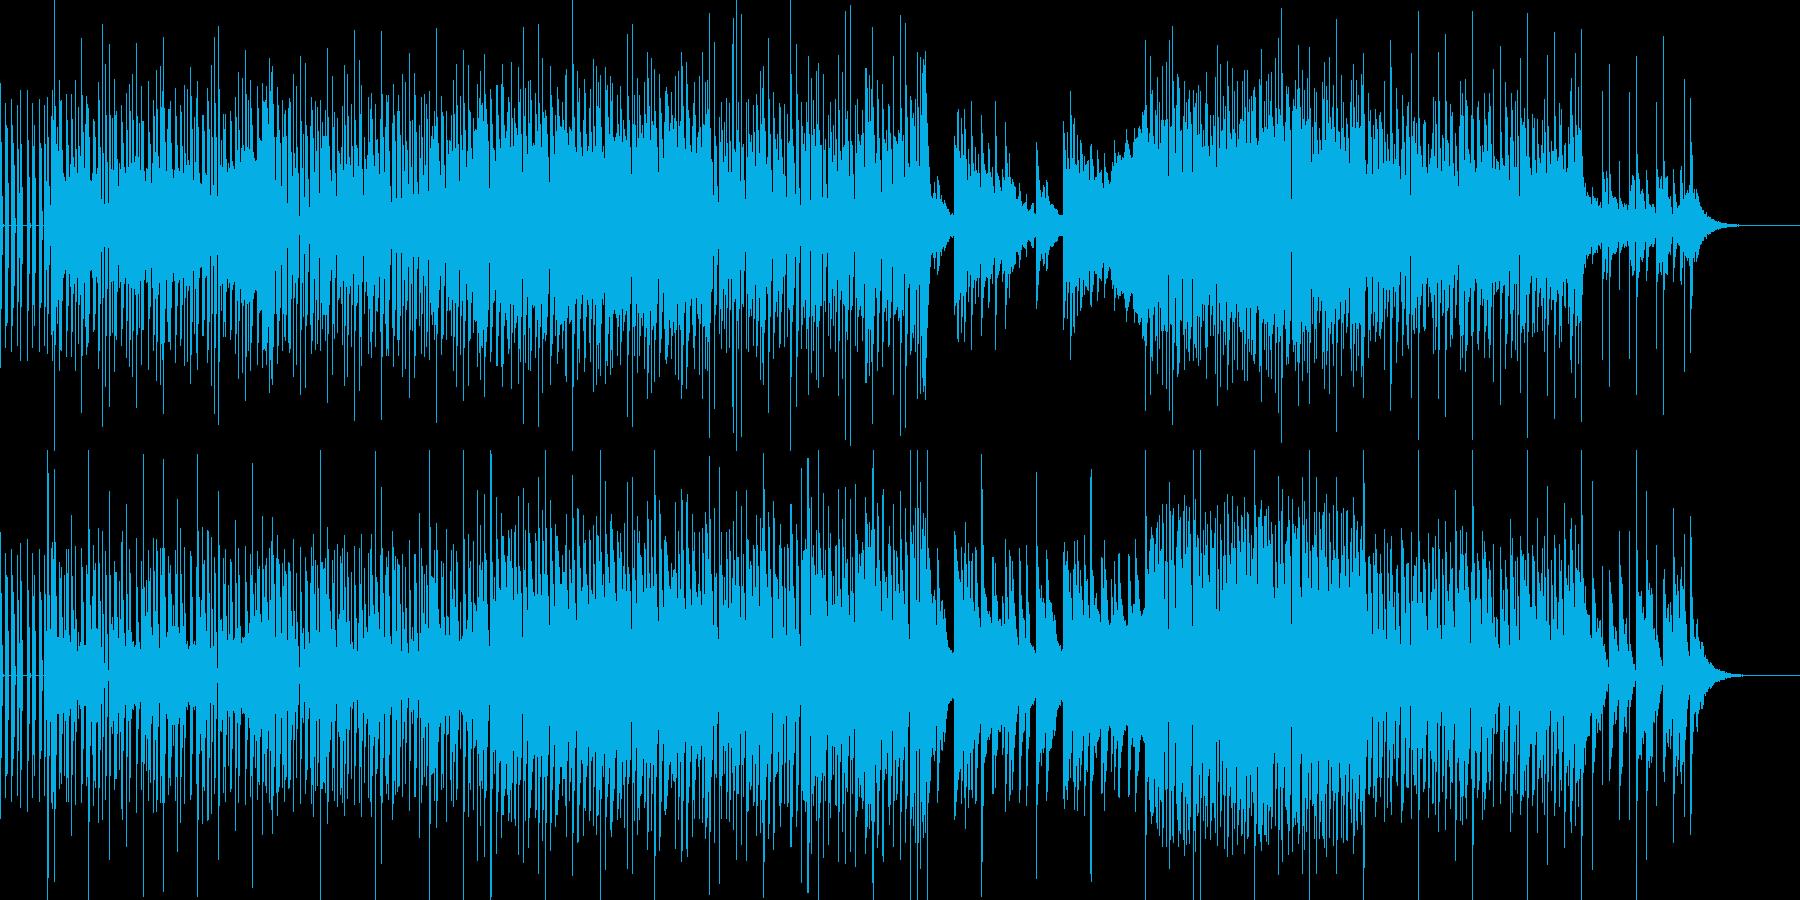 清々しく切なく健気な雰囲気の曲の再生済みの波形